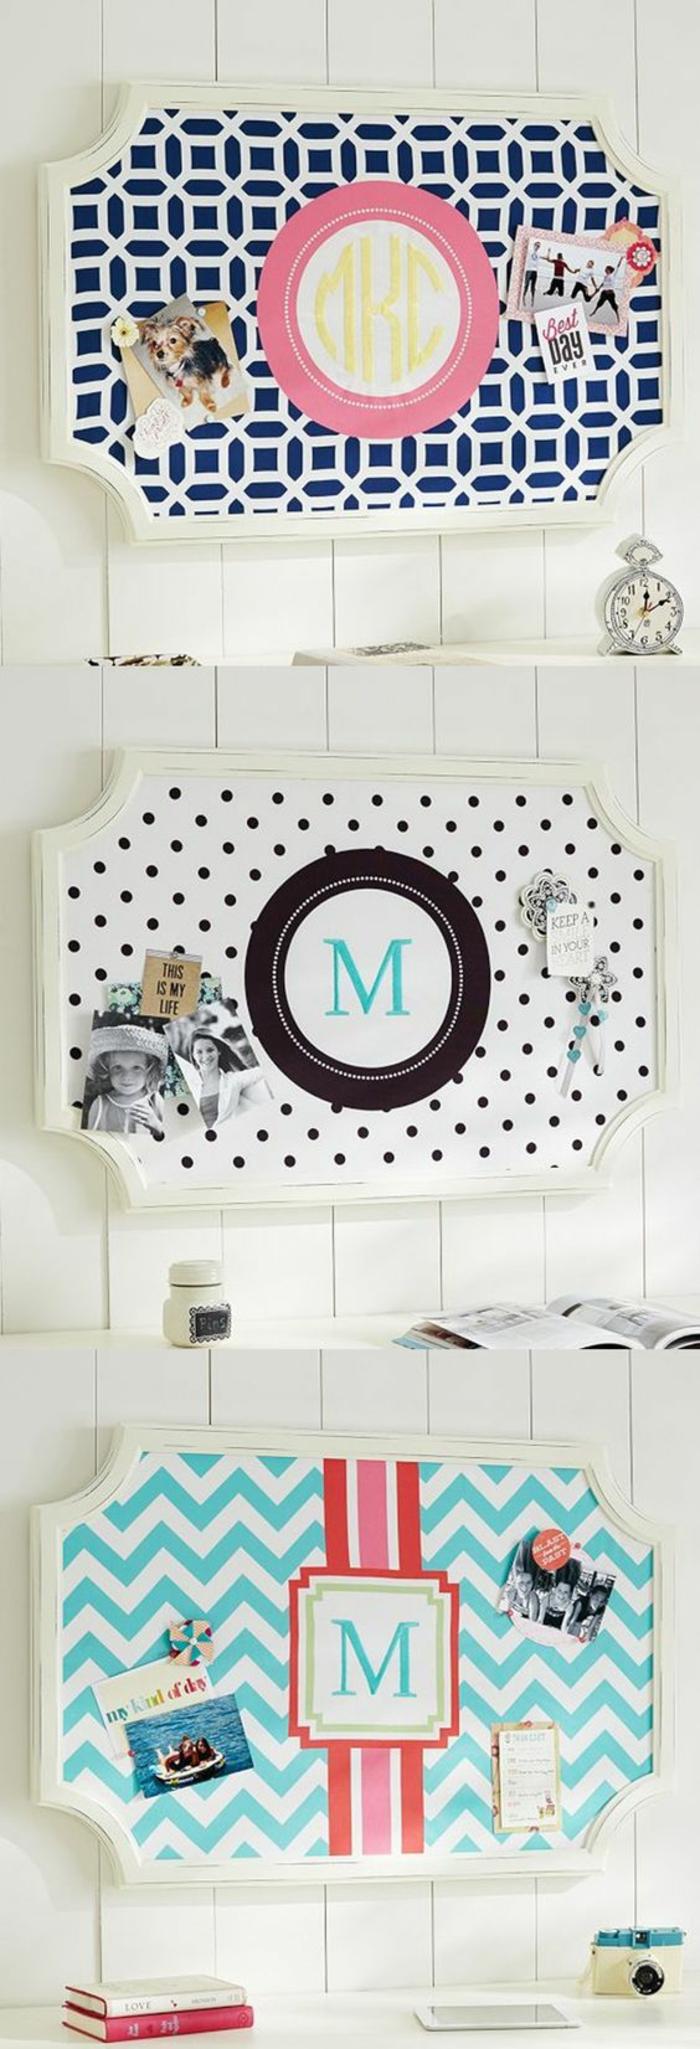 diy pinnwand mit weißem rahmen und monogram, wanddeko